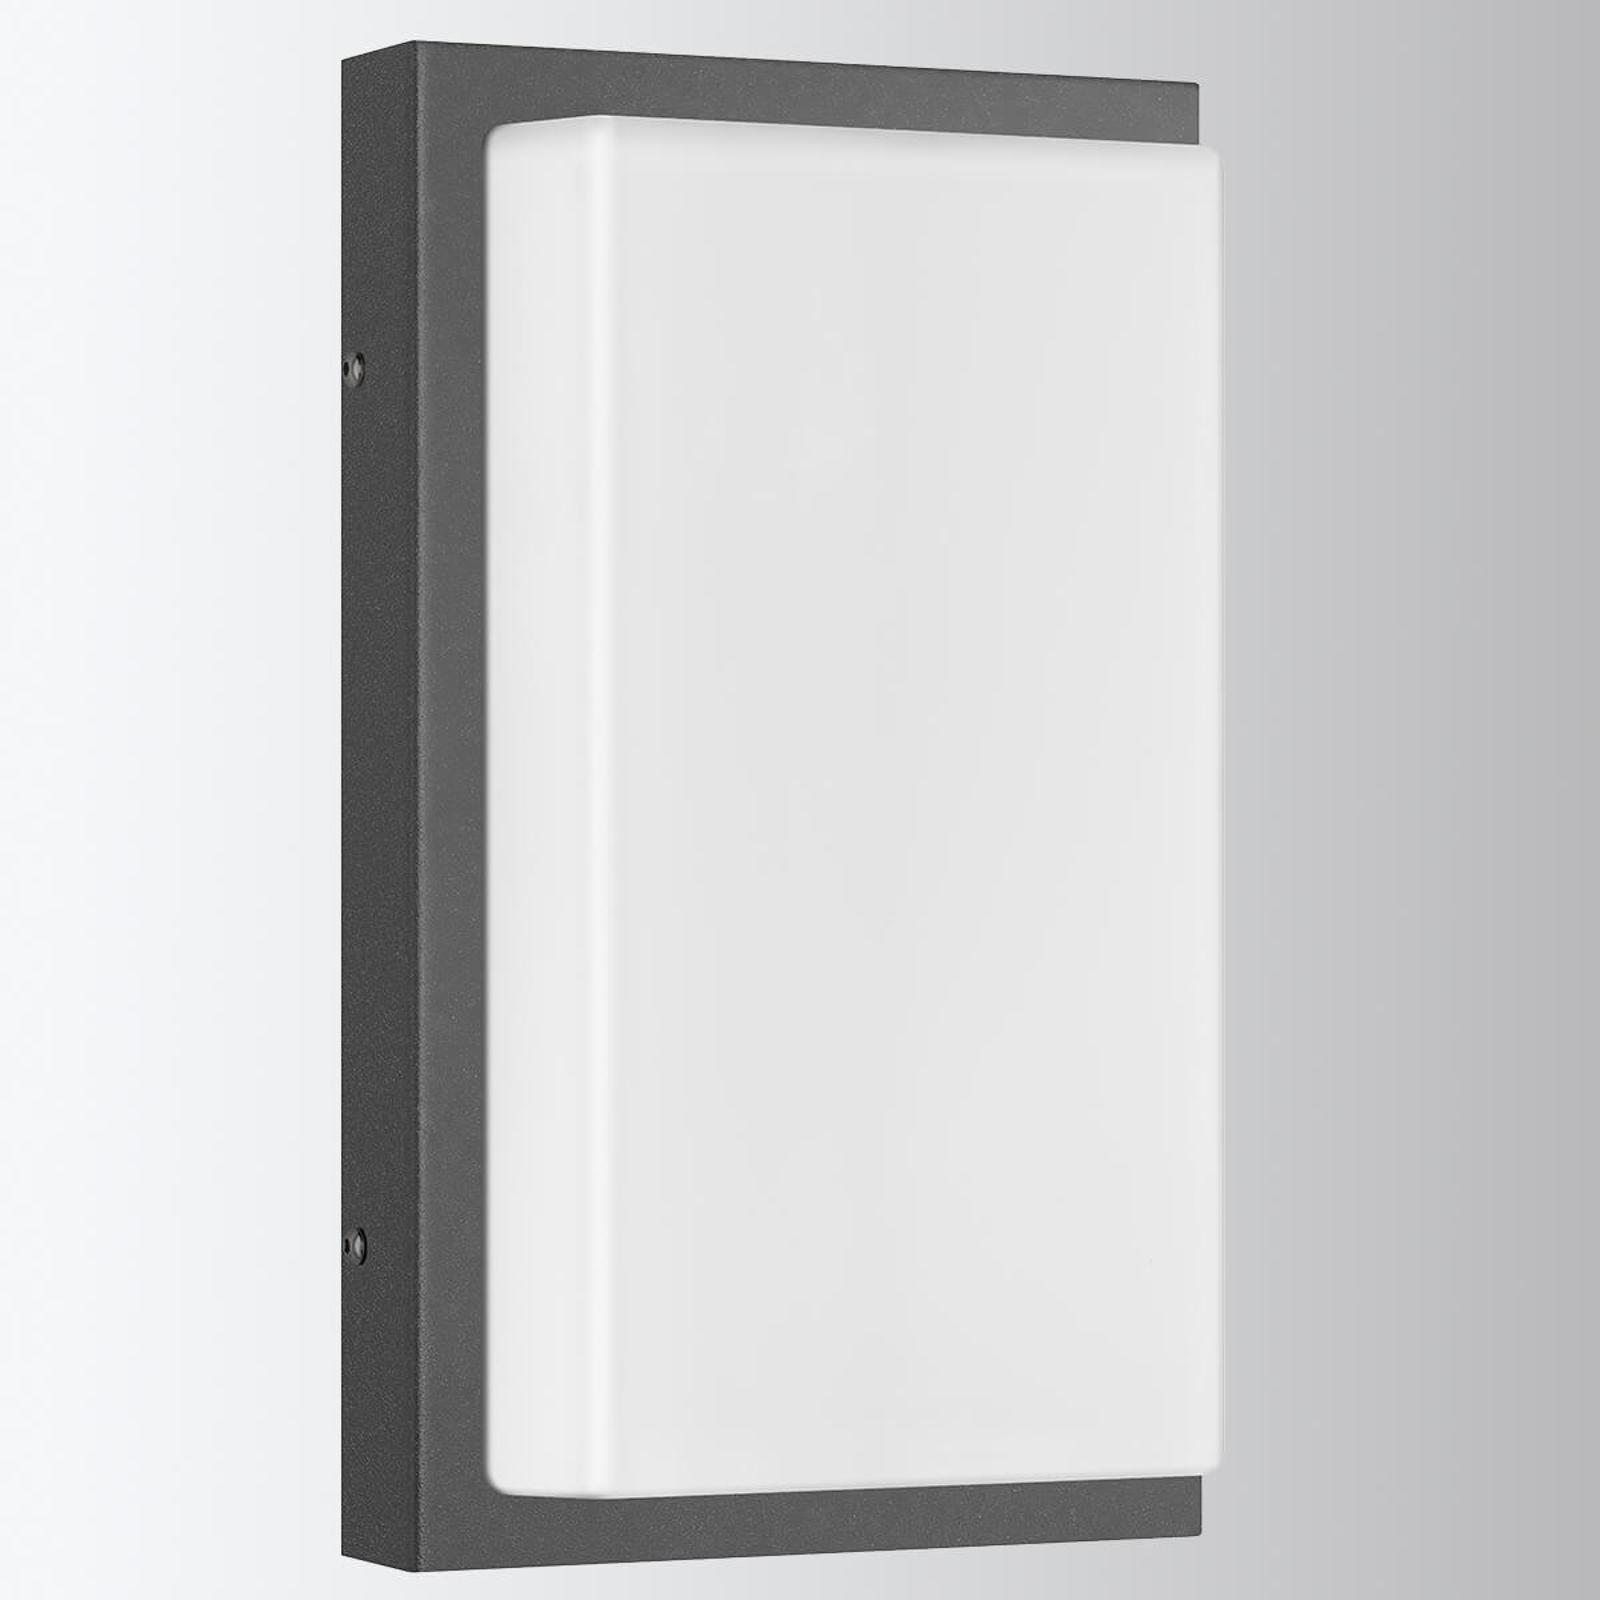 Lämmin valkoinen LED-ulkoseinälamppu Babett